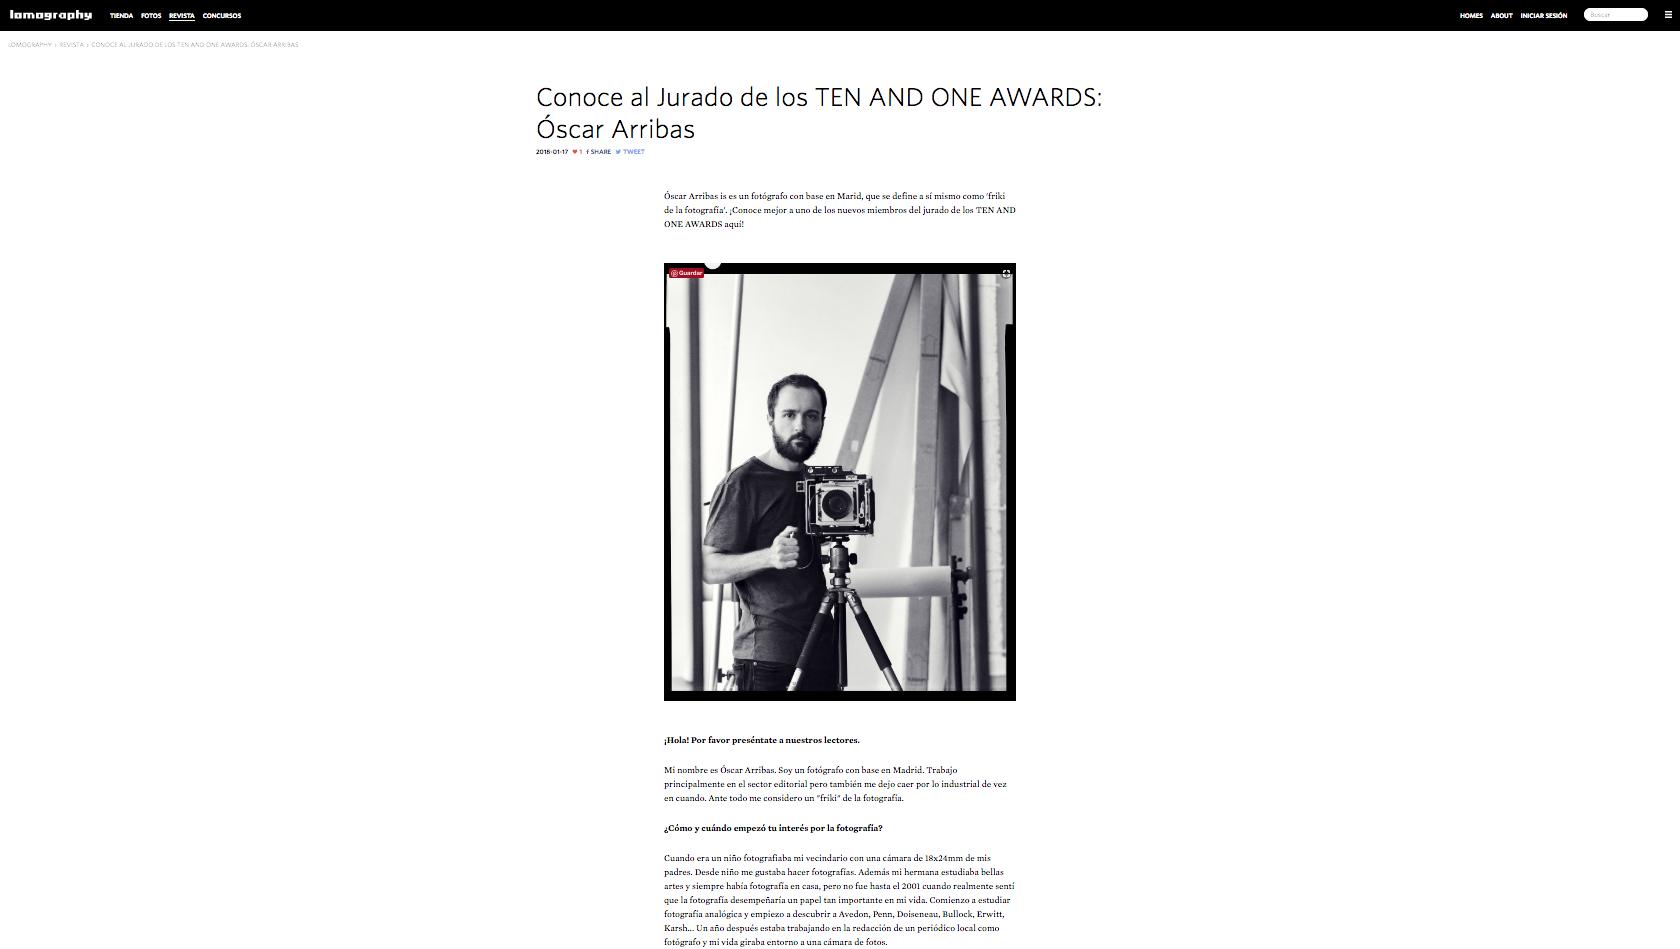 oscar-arribas-ten-and-one-awards-photography-entrevista-interview-fotografo.png